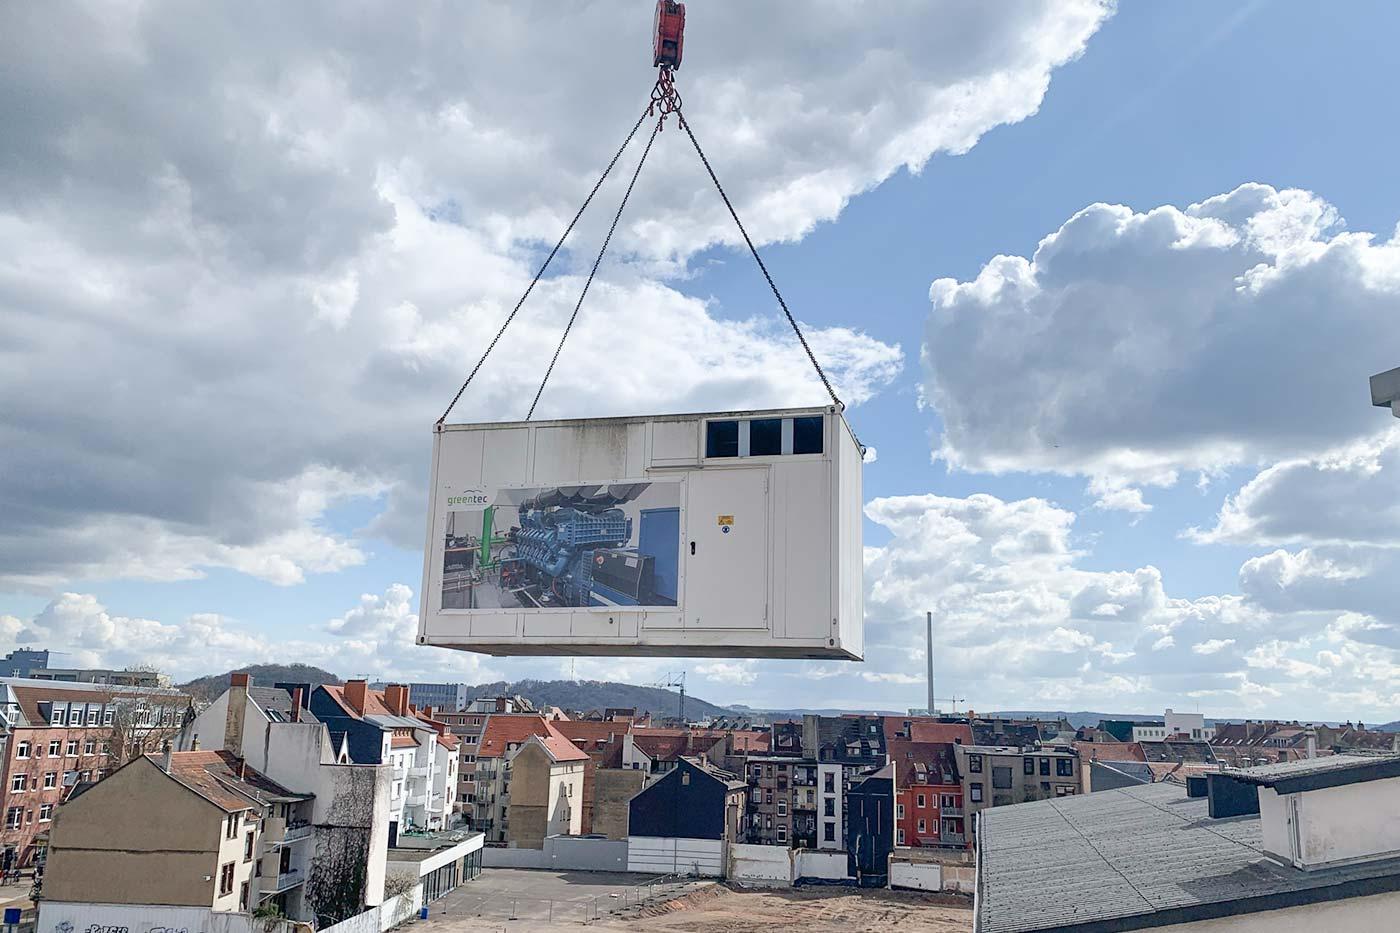 Über den Dächern von Saarbrücken: Ein Netzersatzanlage zieht um